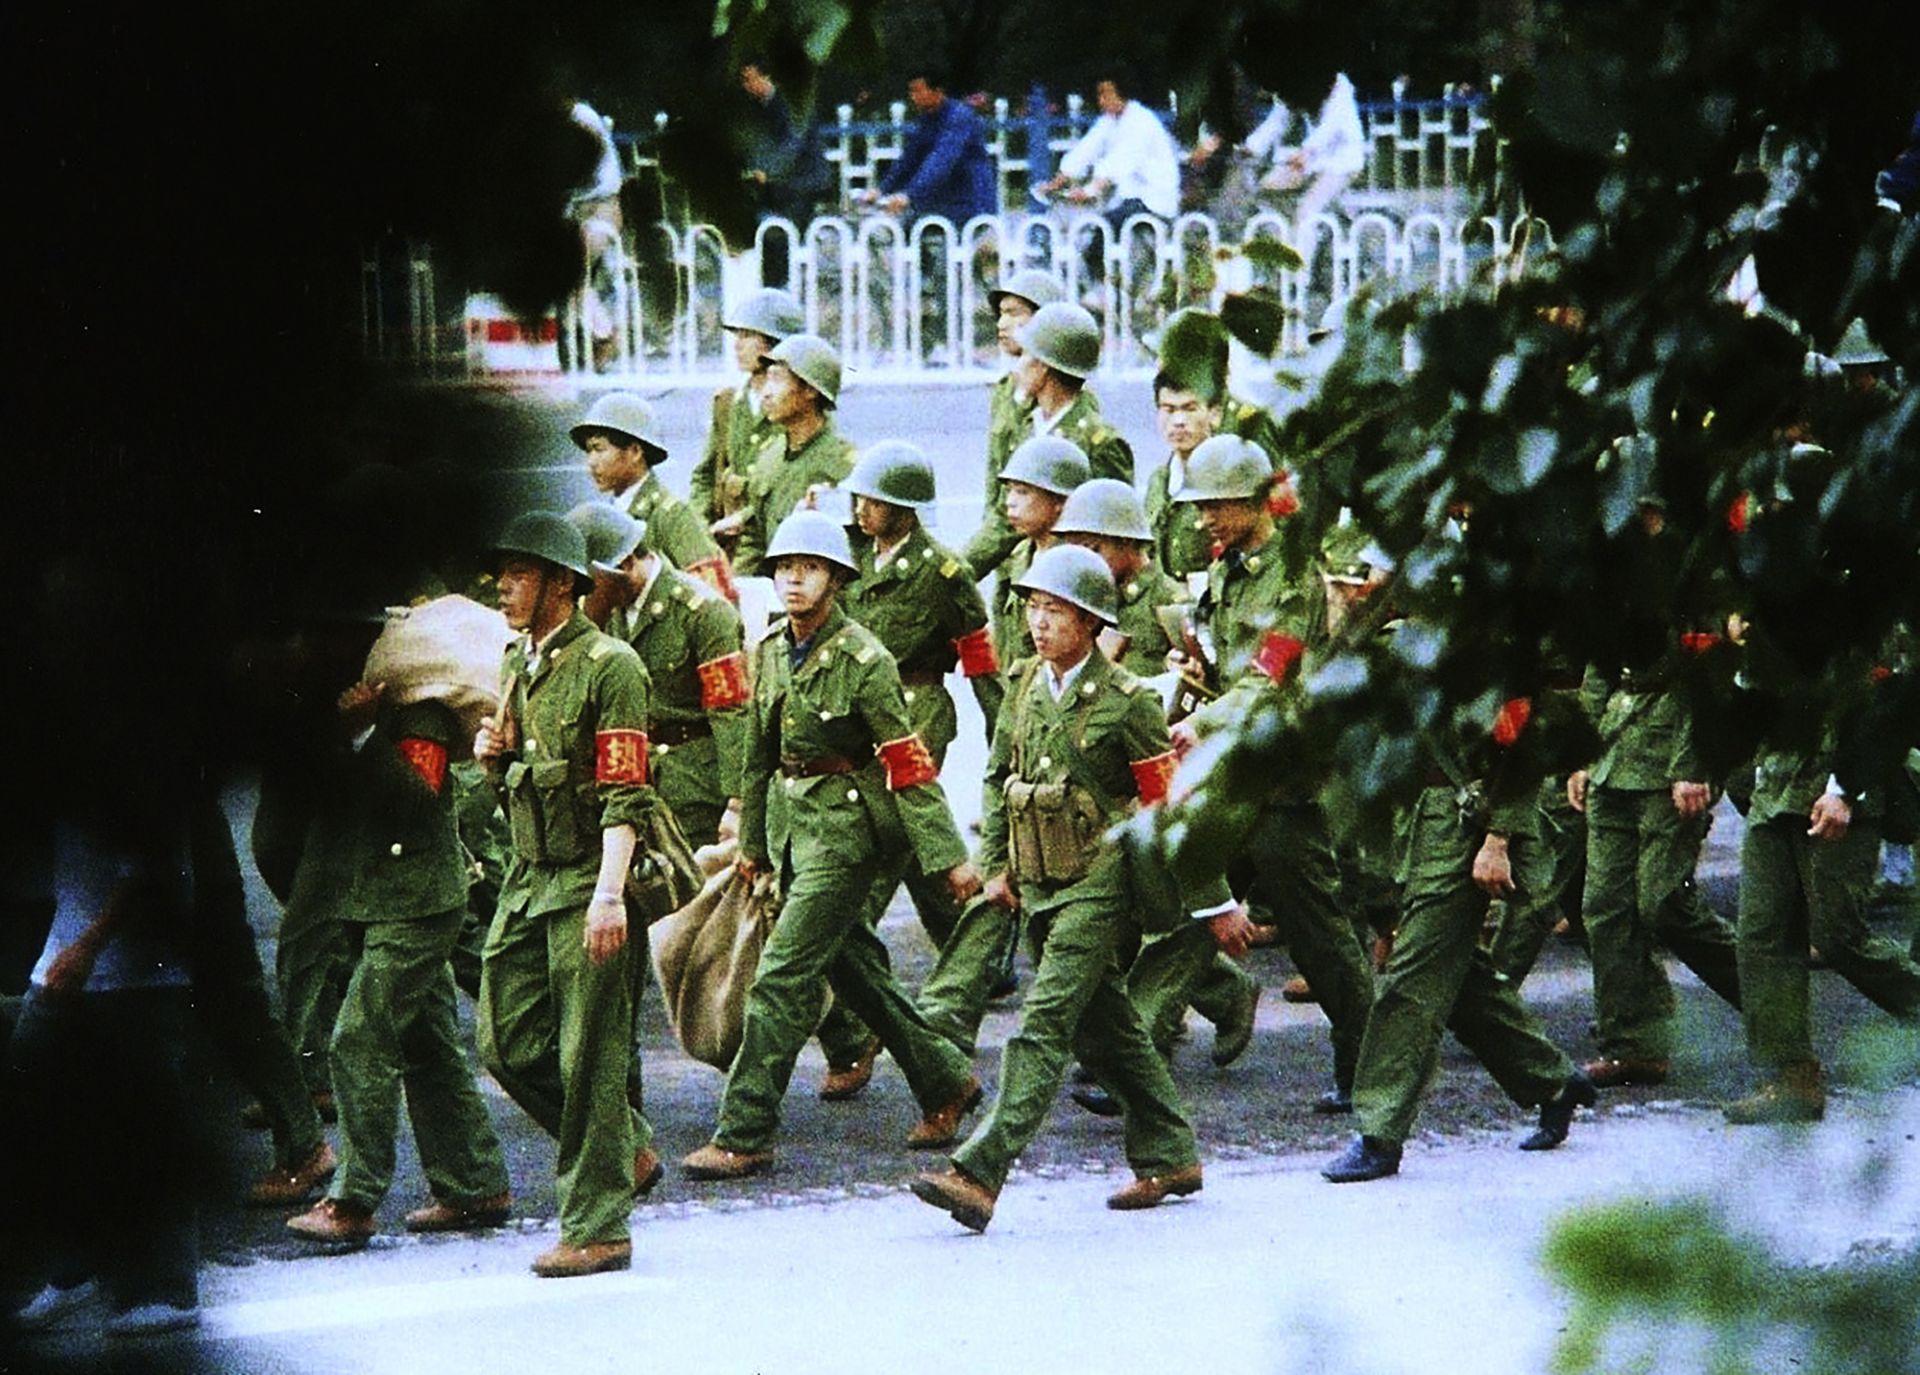 Кадър от 6 юни 1989 г.: Китайски войници се отдалечават след кървавия погром на площад Тянанмън